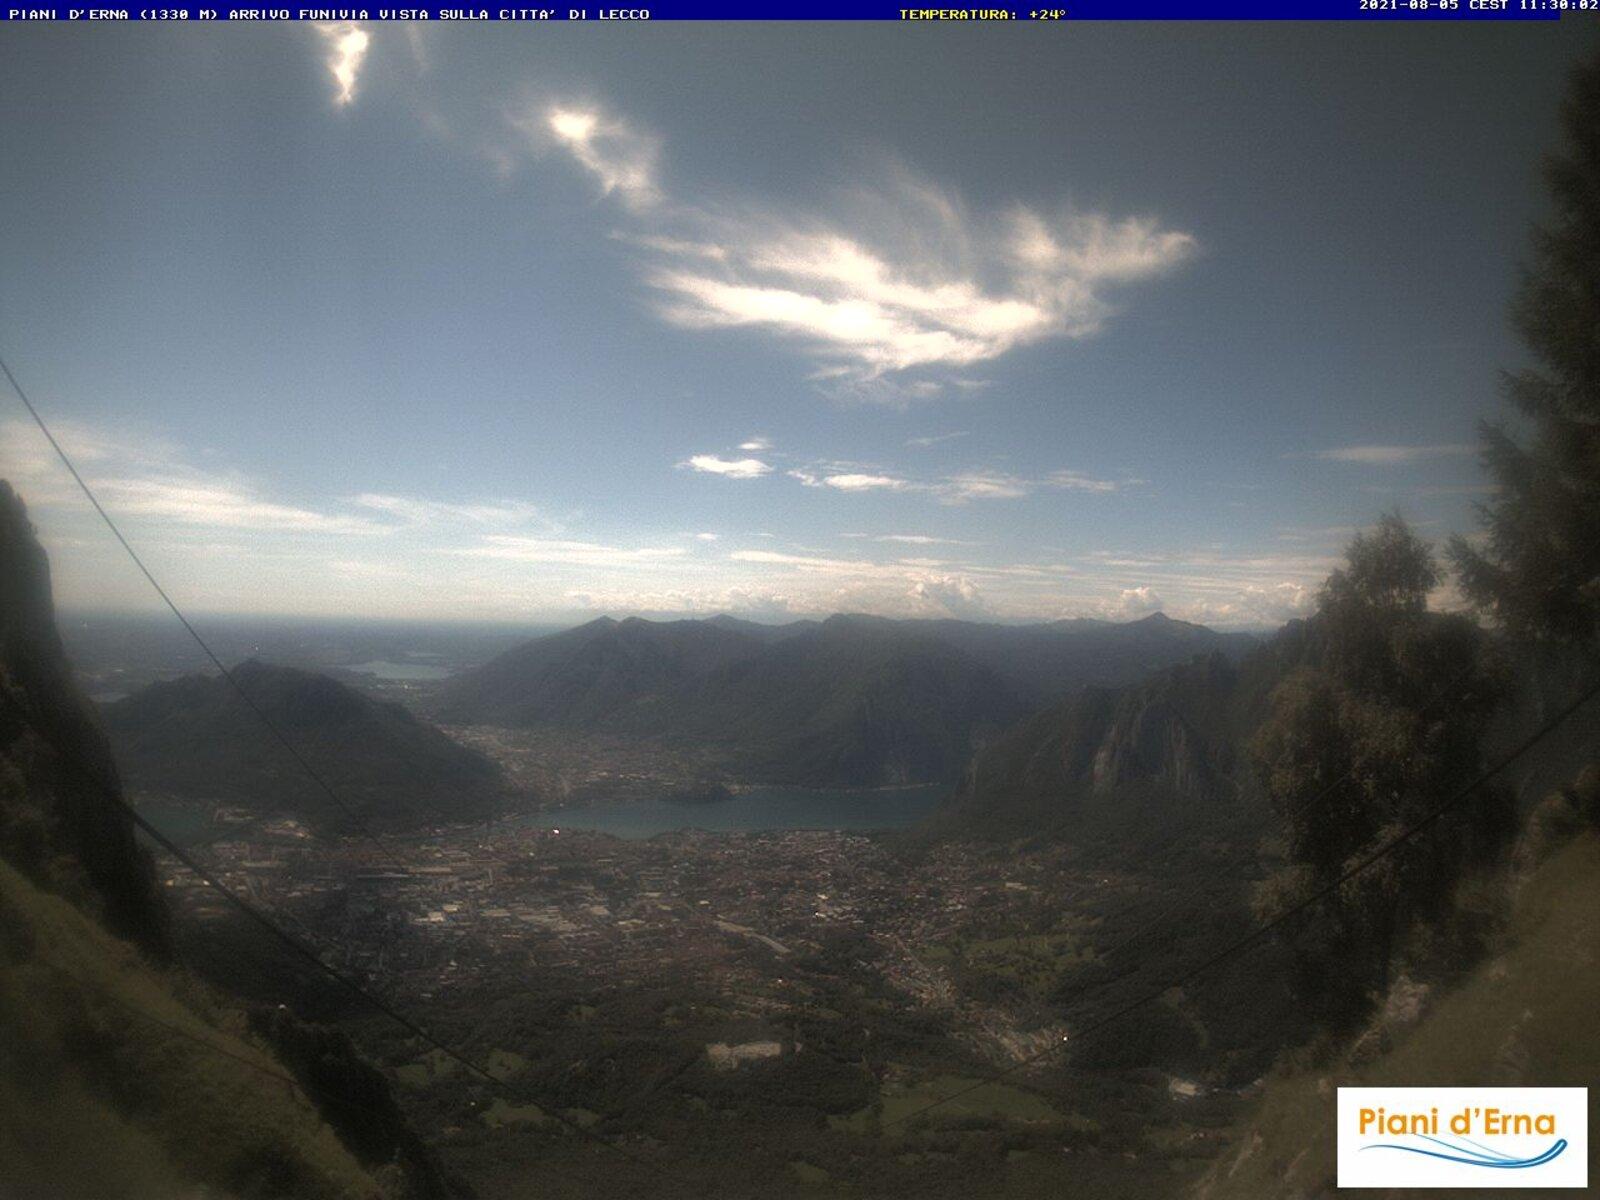 Piani Erna - Vista panoramica su Lecco